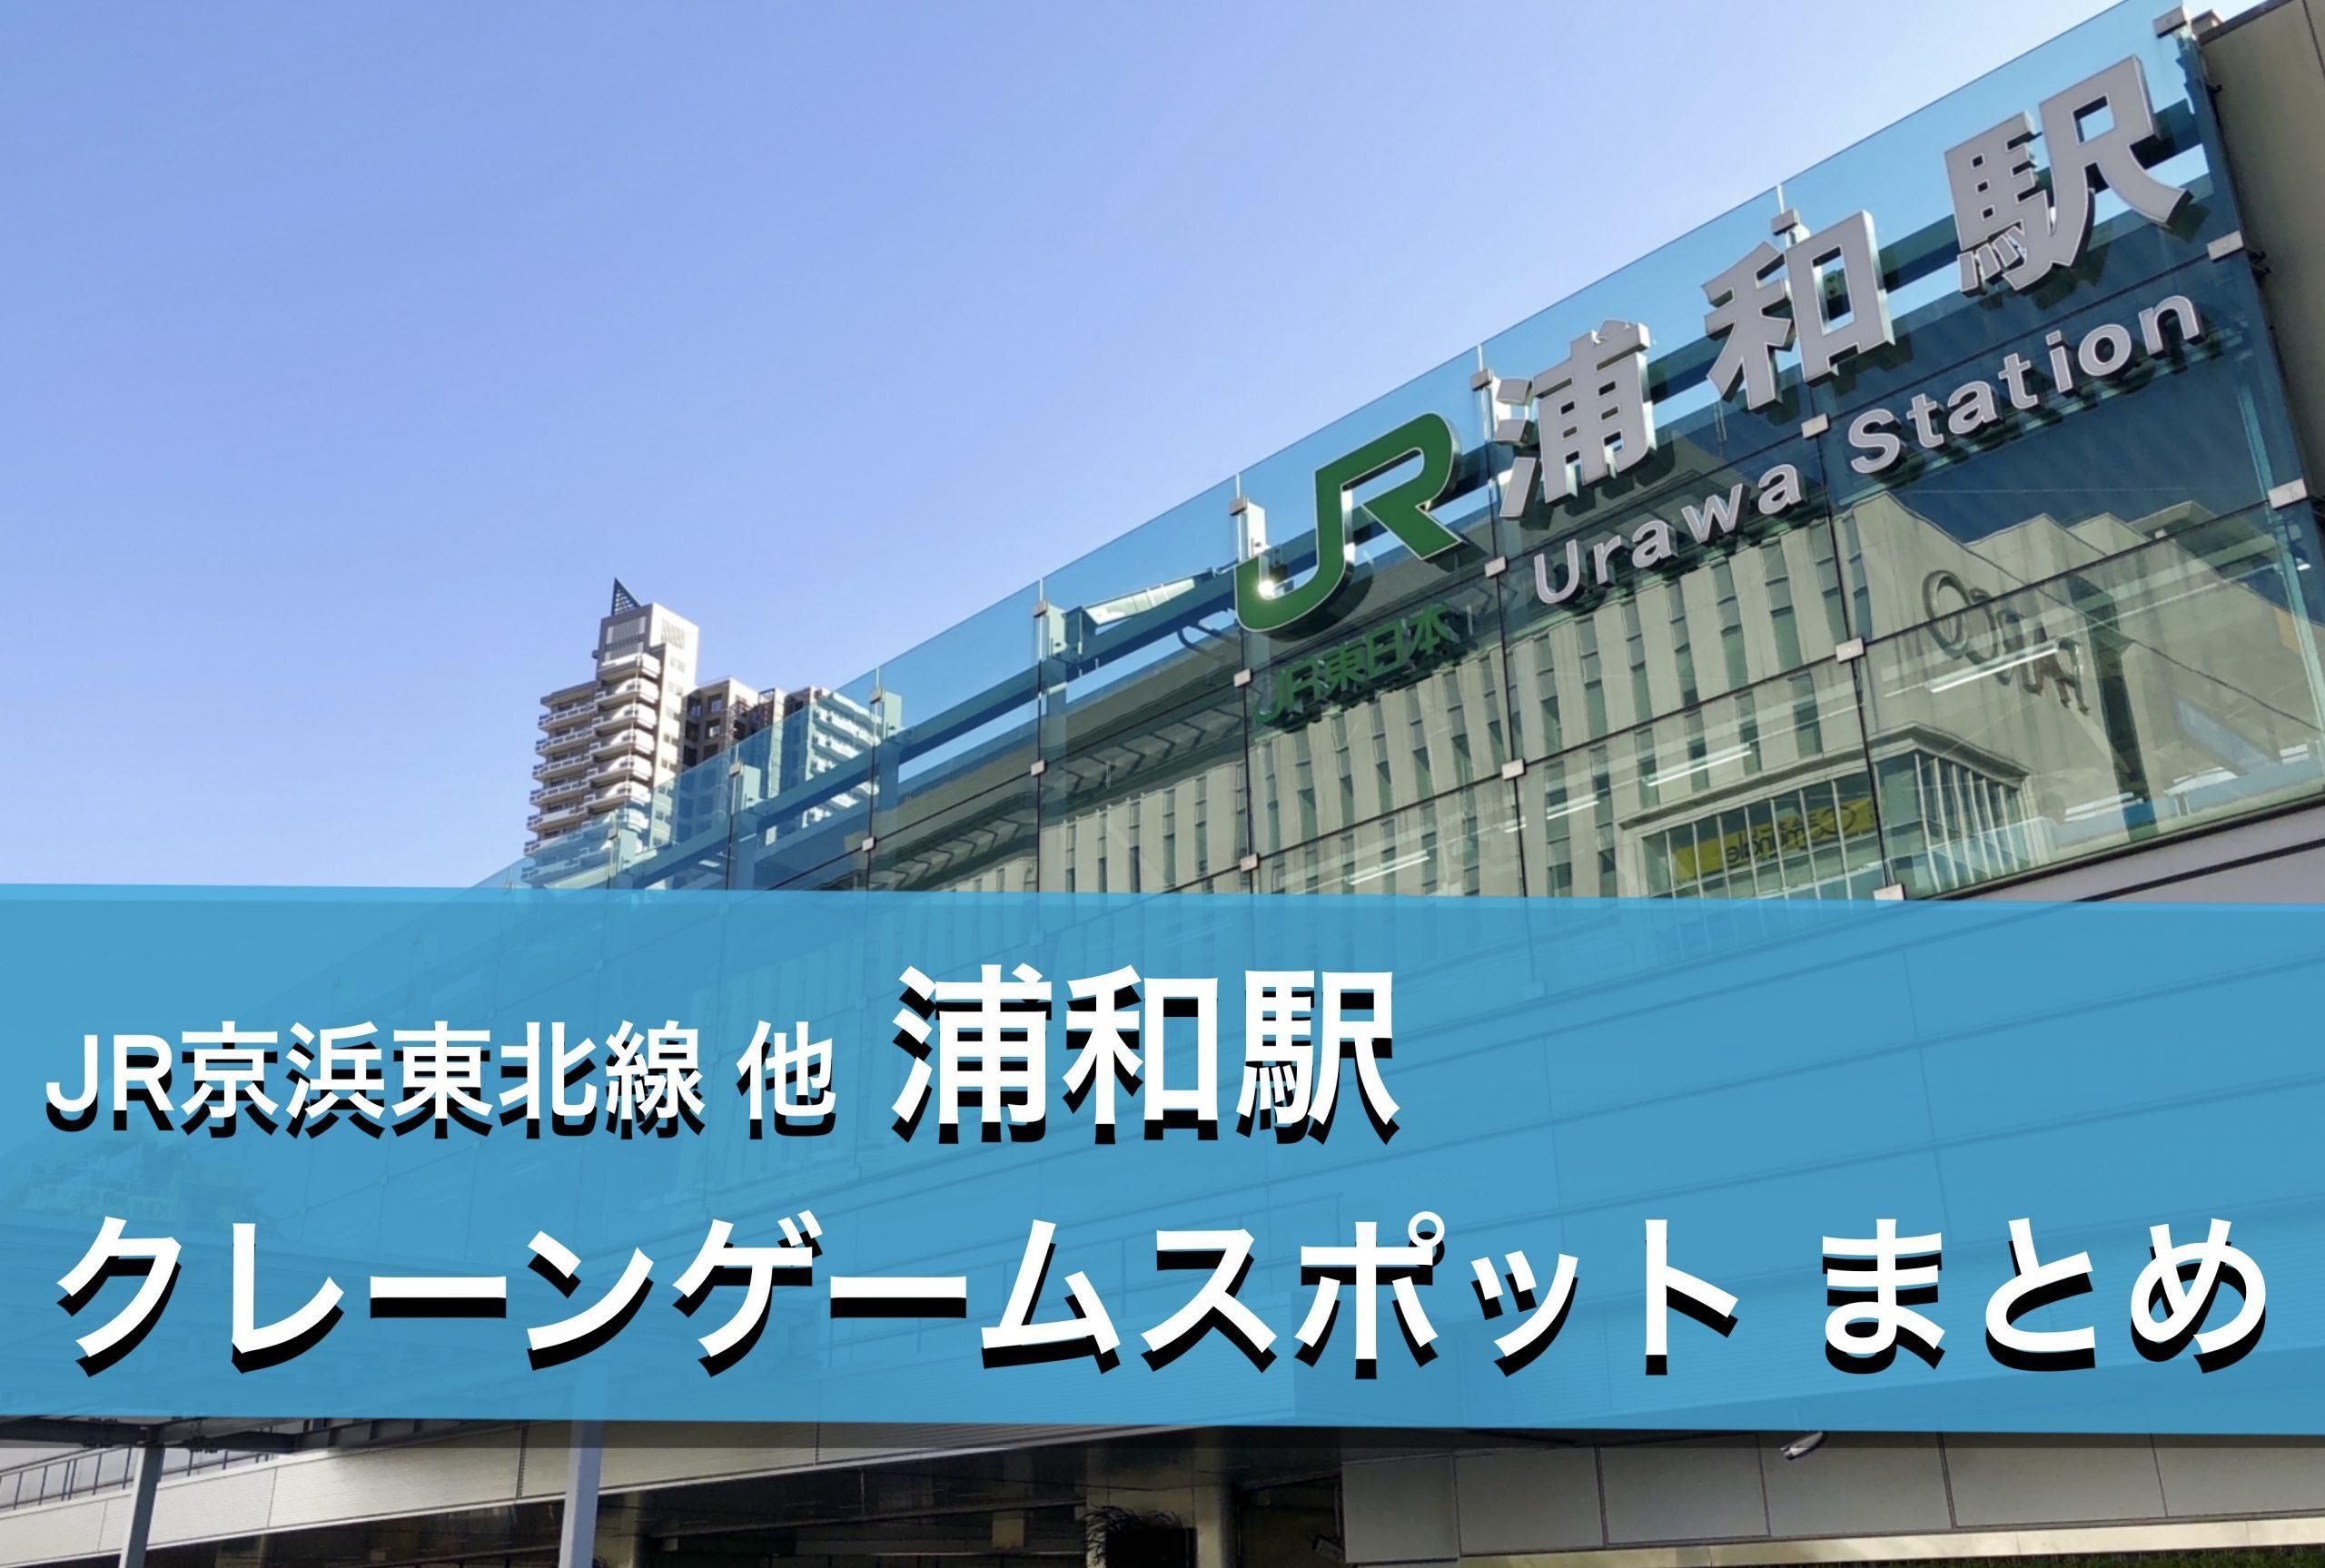 【浦和駅】クレーンゲームができる場所